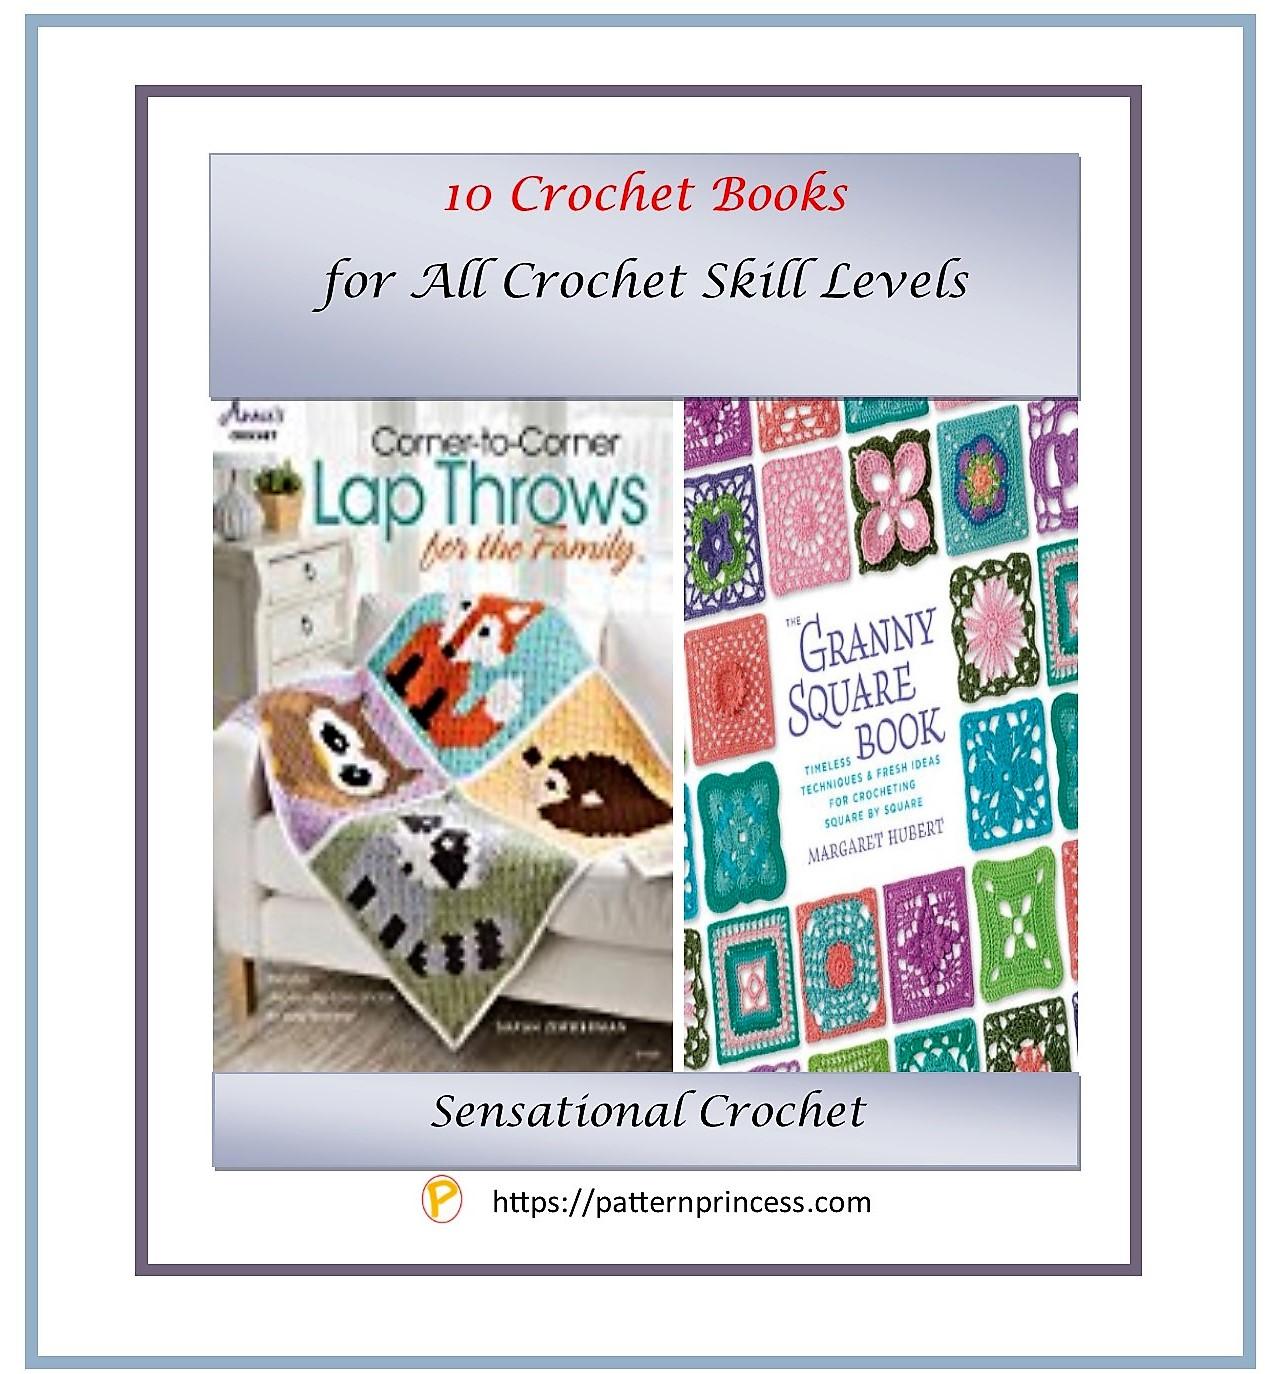 10 crochet books for all skill levels 1